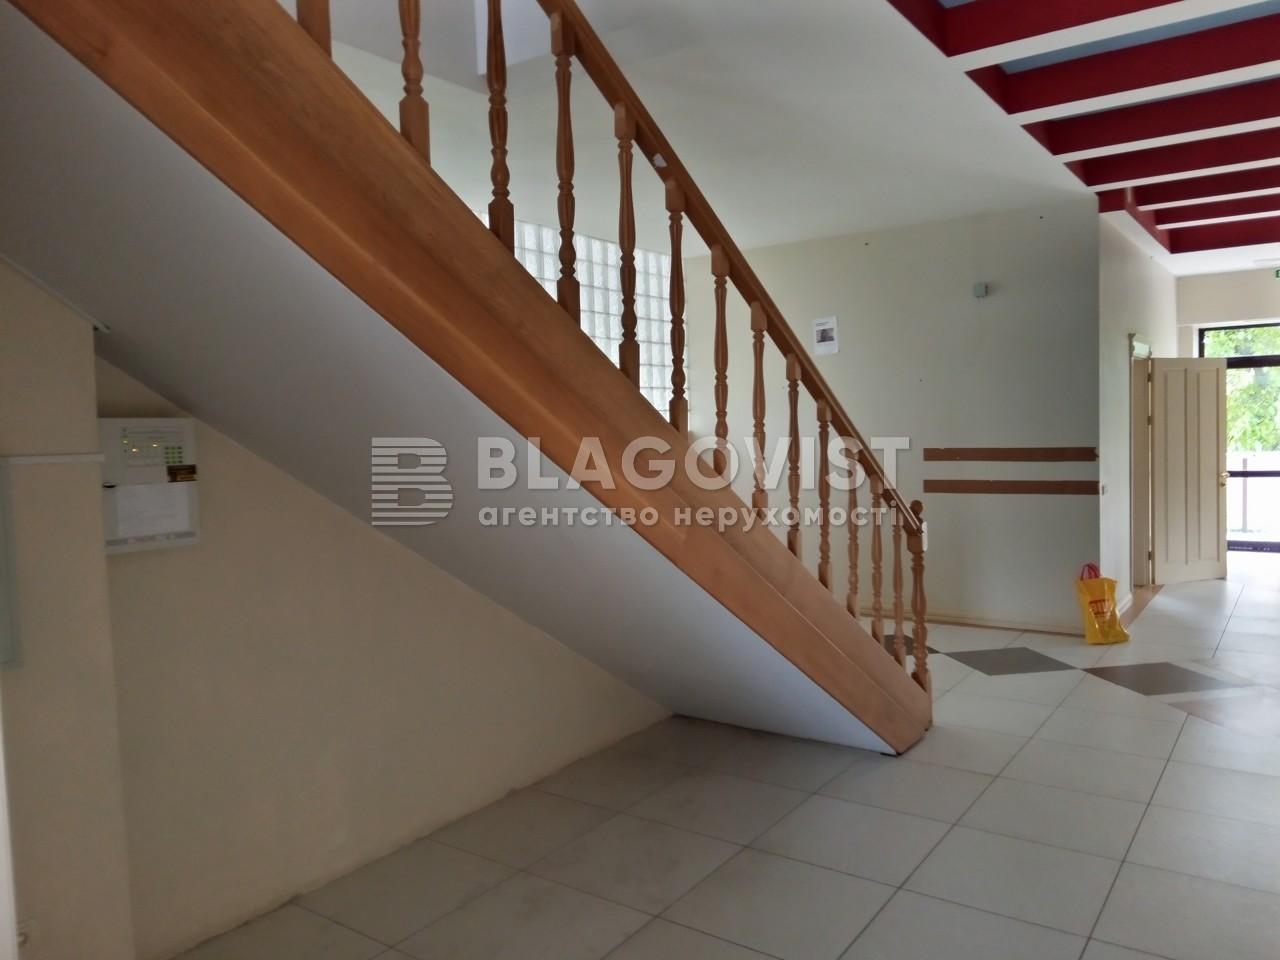 Будинок R-40483, Монтажників, Київ - Фото 30